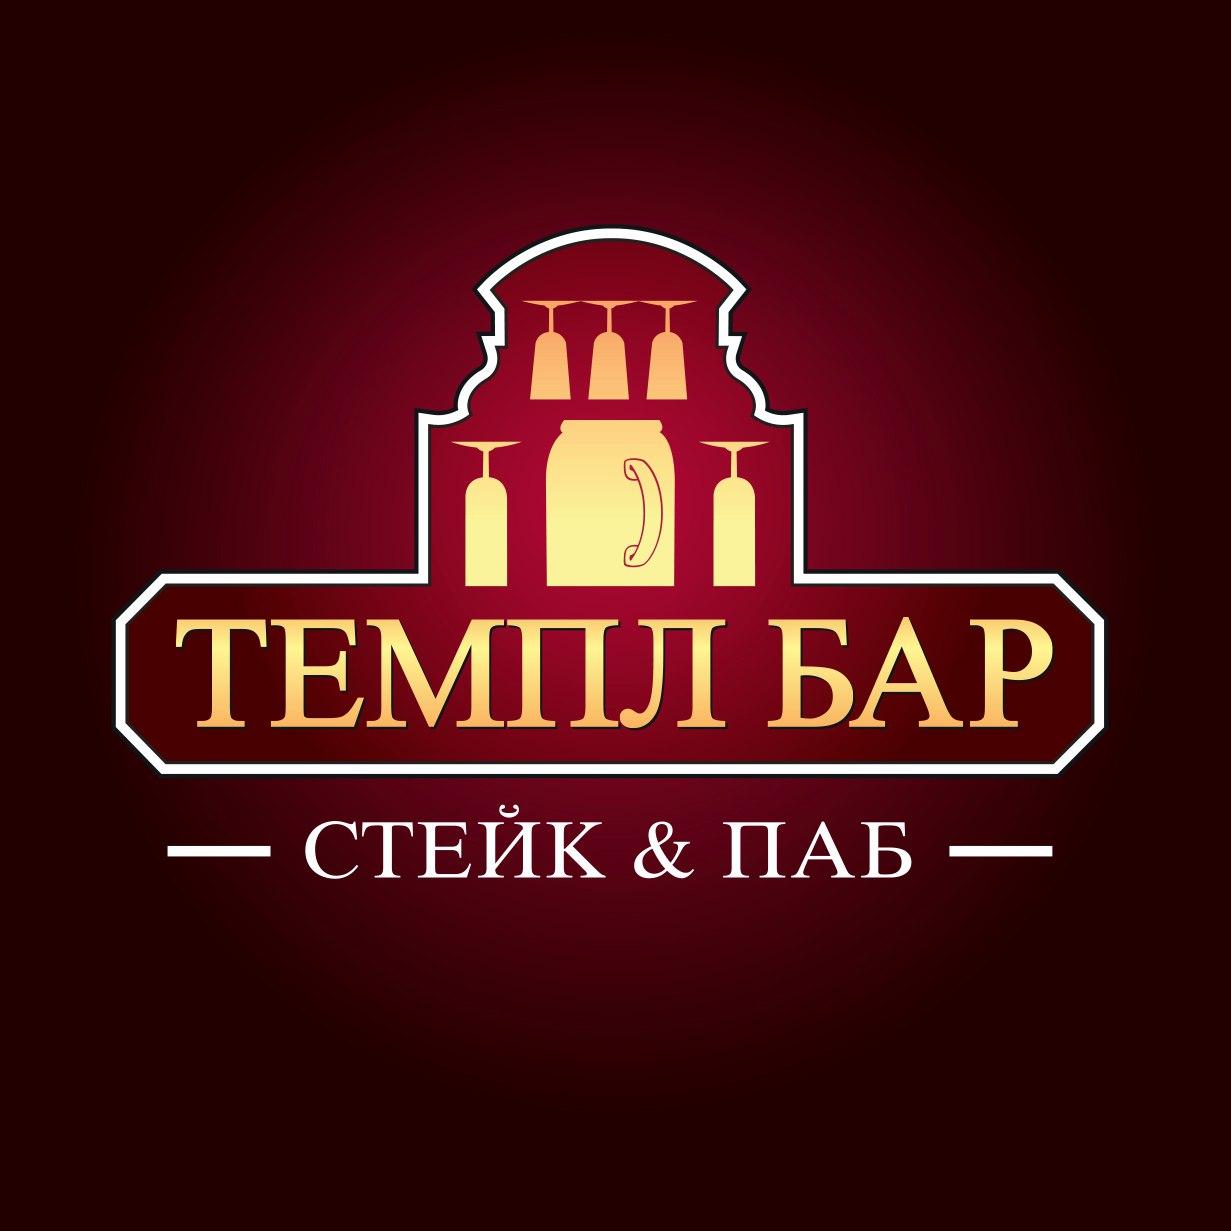 Логотип площадки Темпл Бар